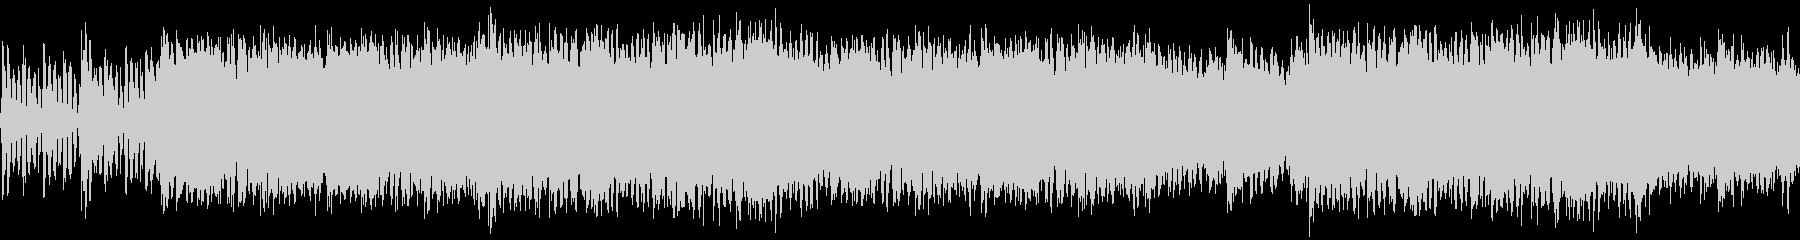 女性が歌うトロピカルポップ-恋愛編の未再生の波形